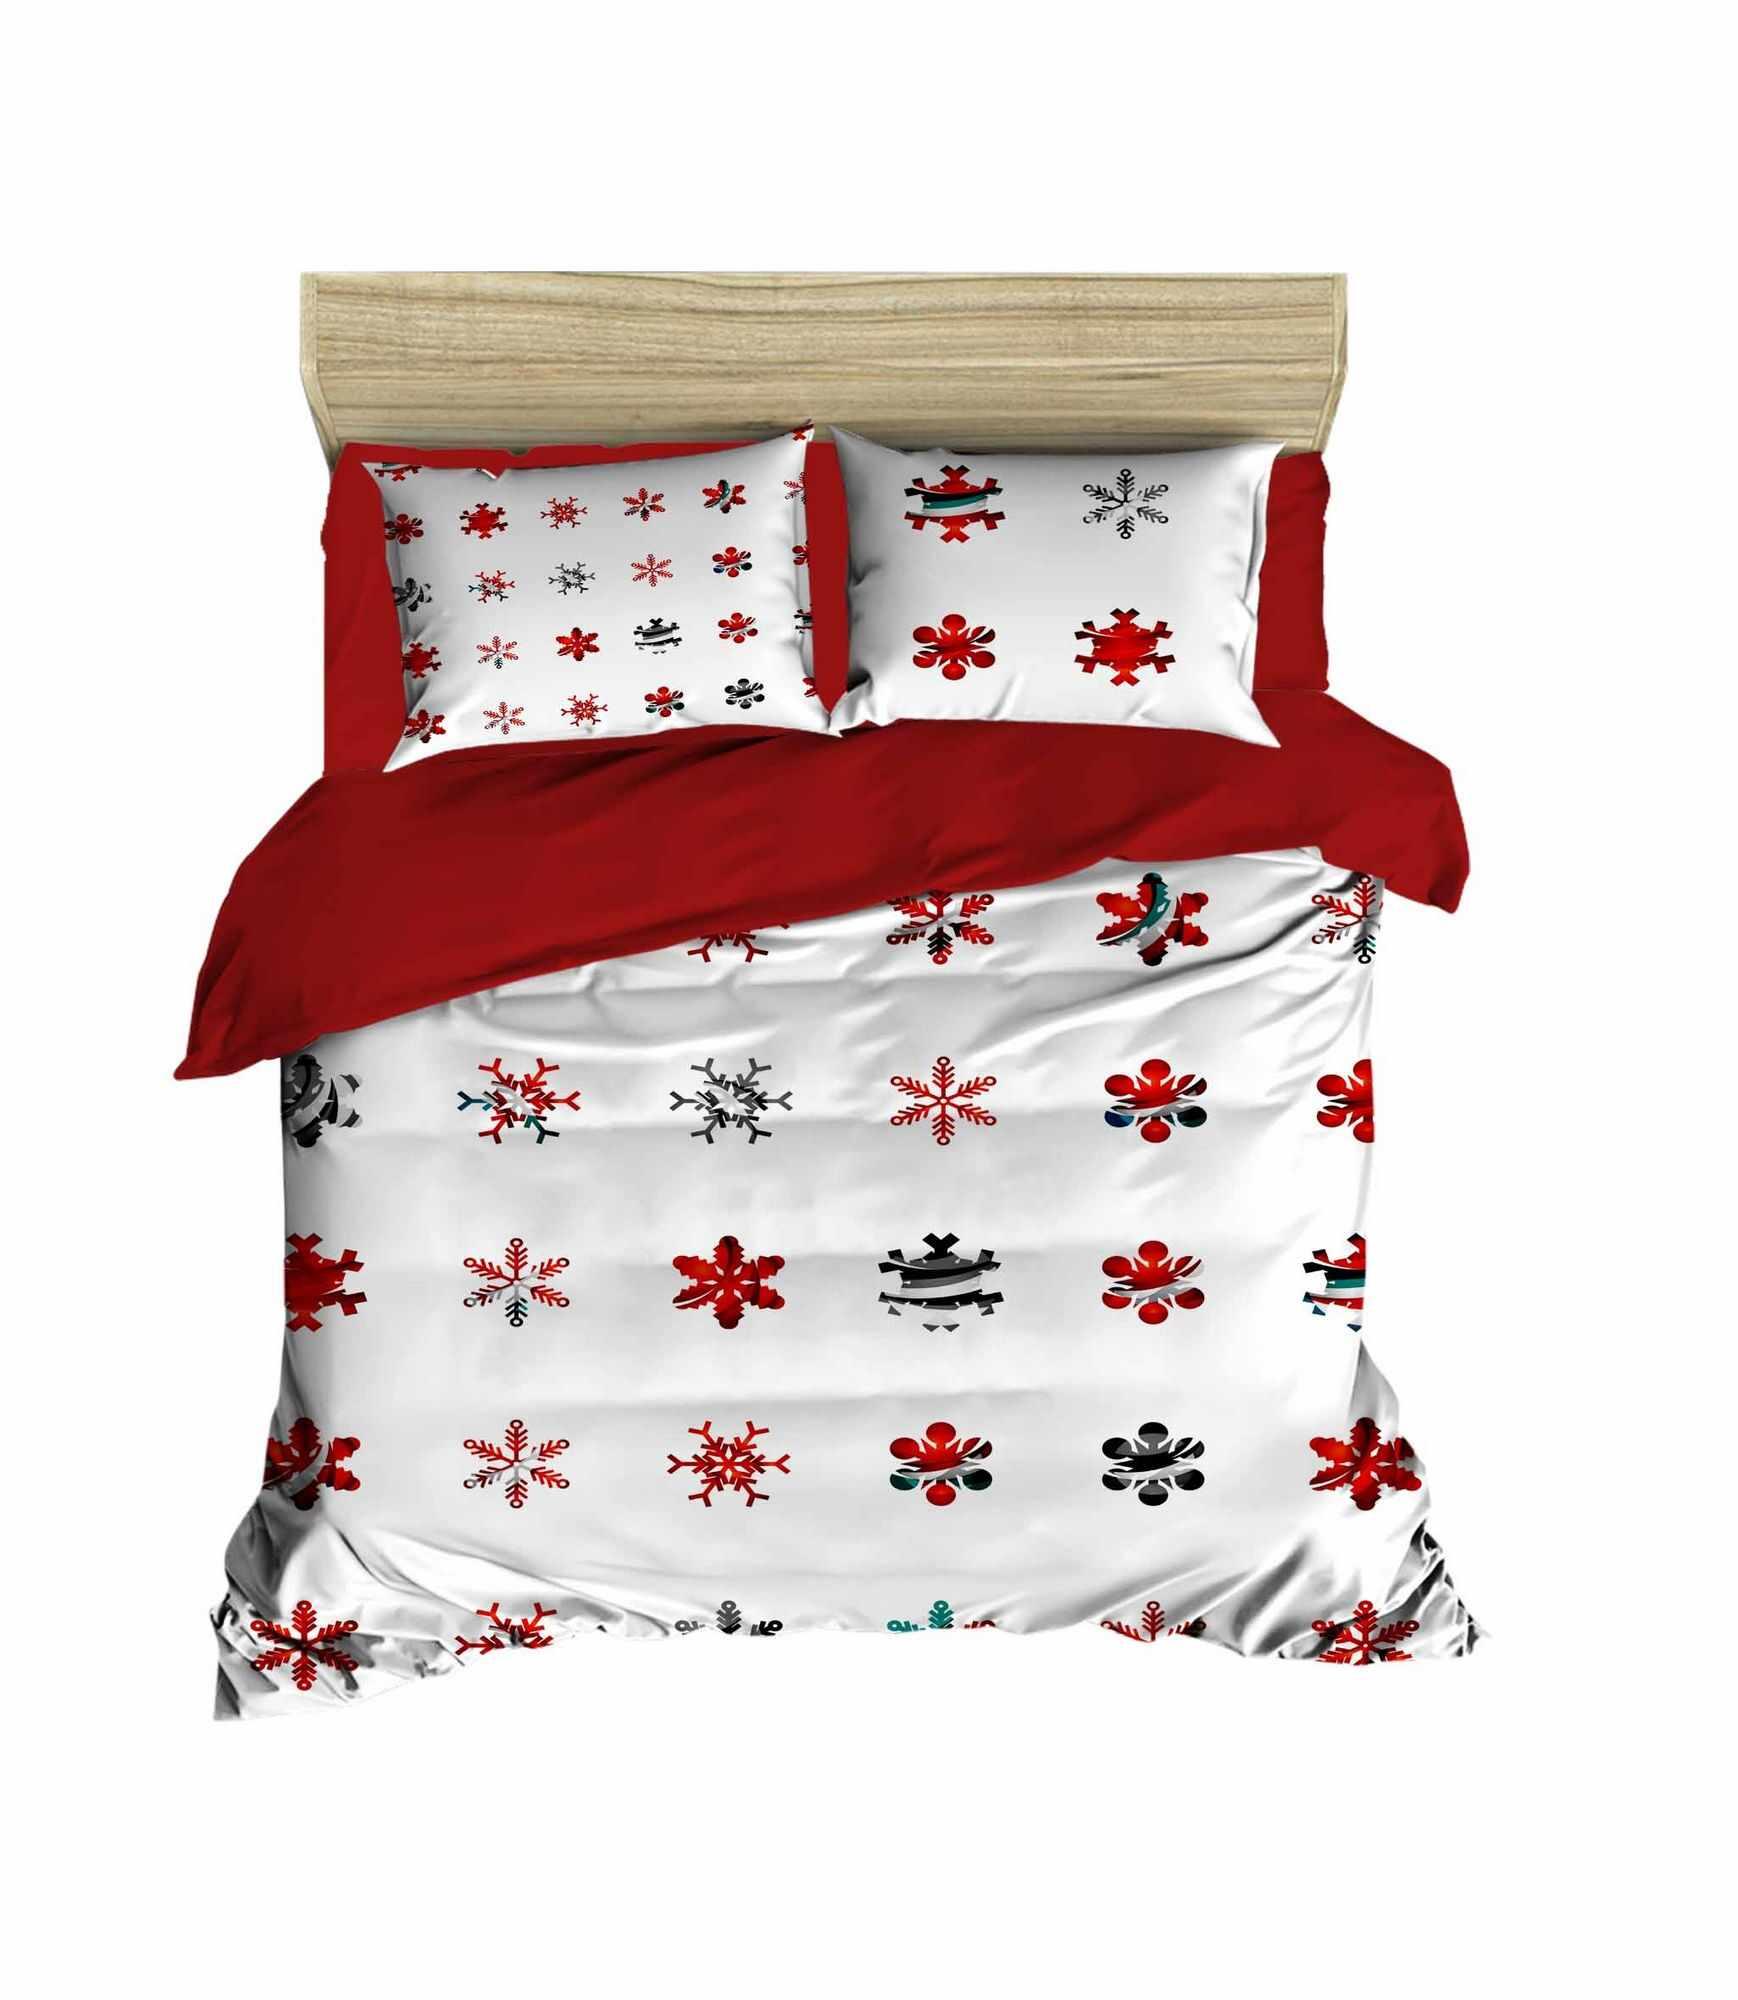 Lenjerie de pat din bumbac si microfibra Christmas 428 Multicolor, 200 x 220 cm la pret 314 lei